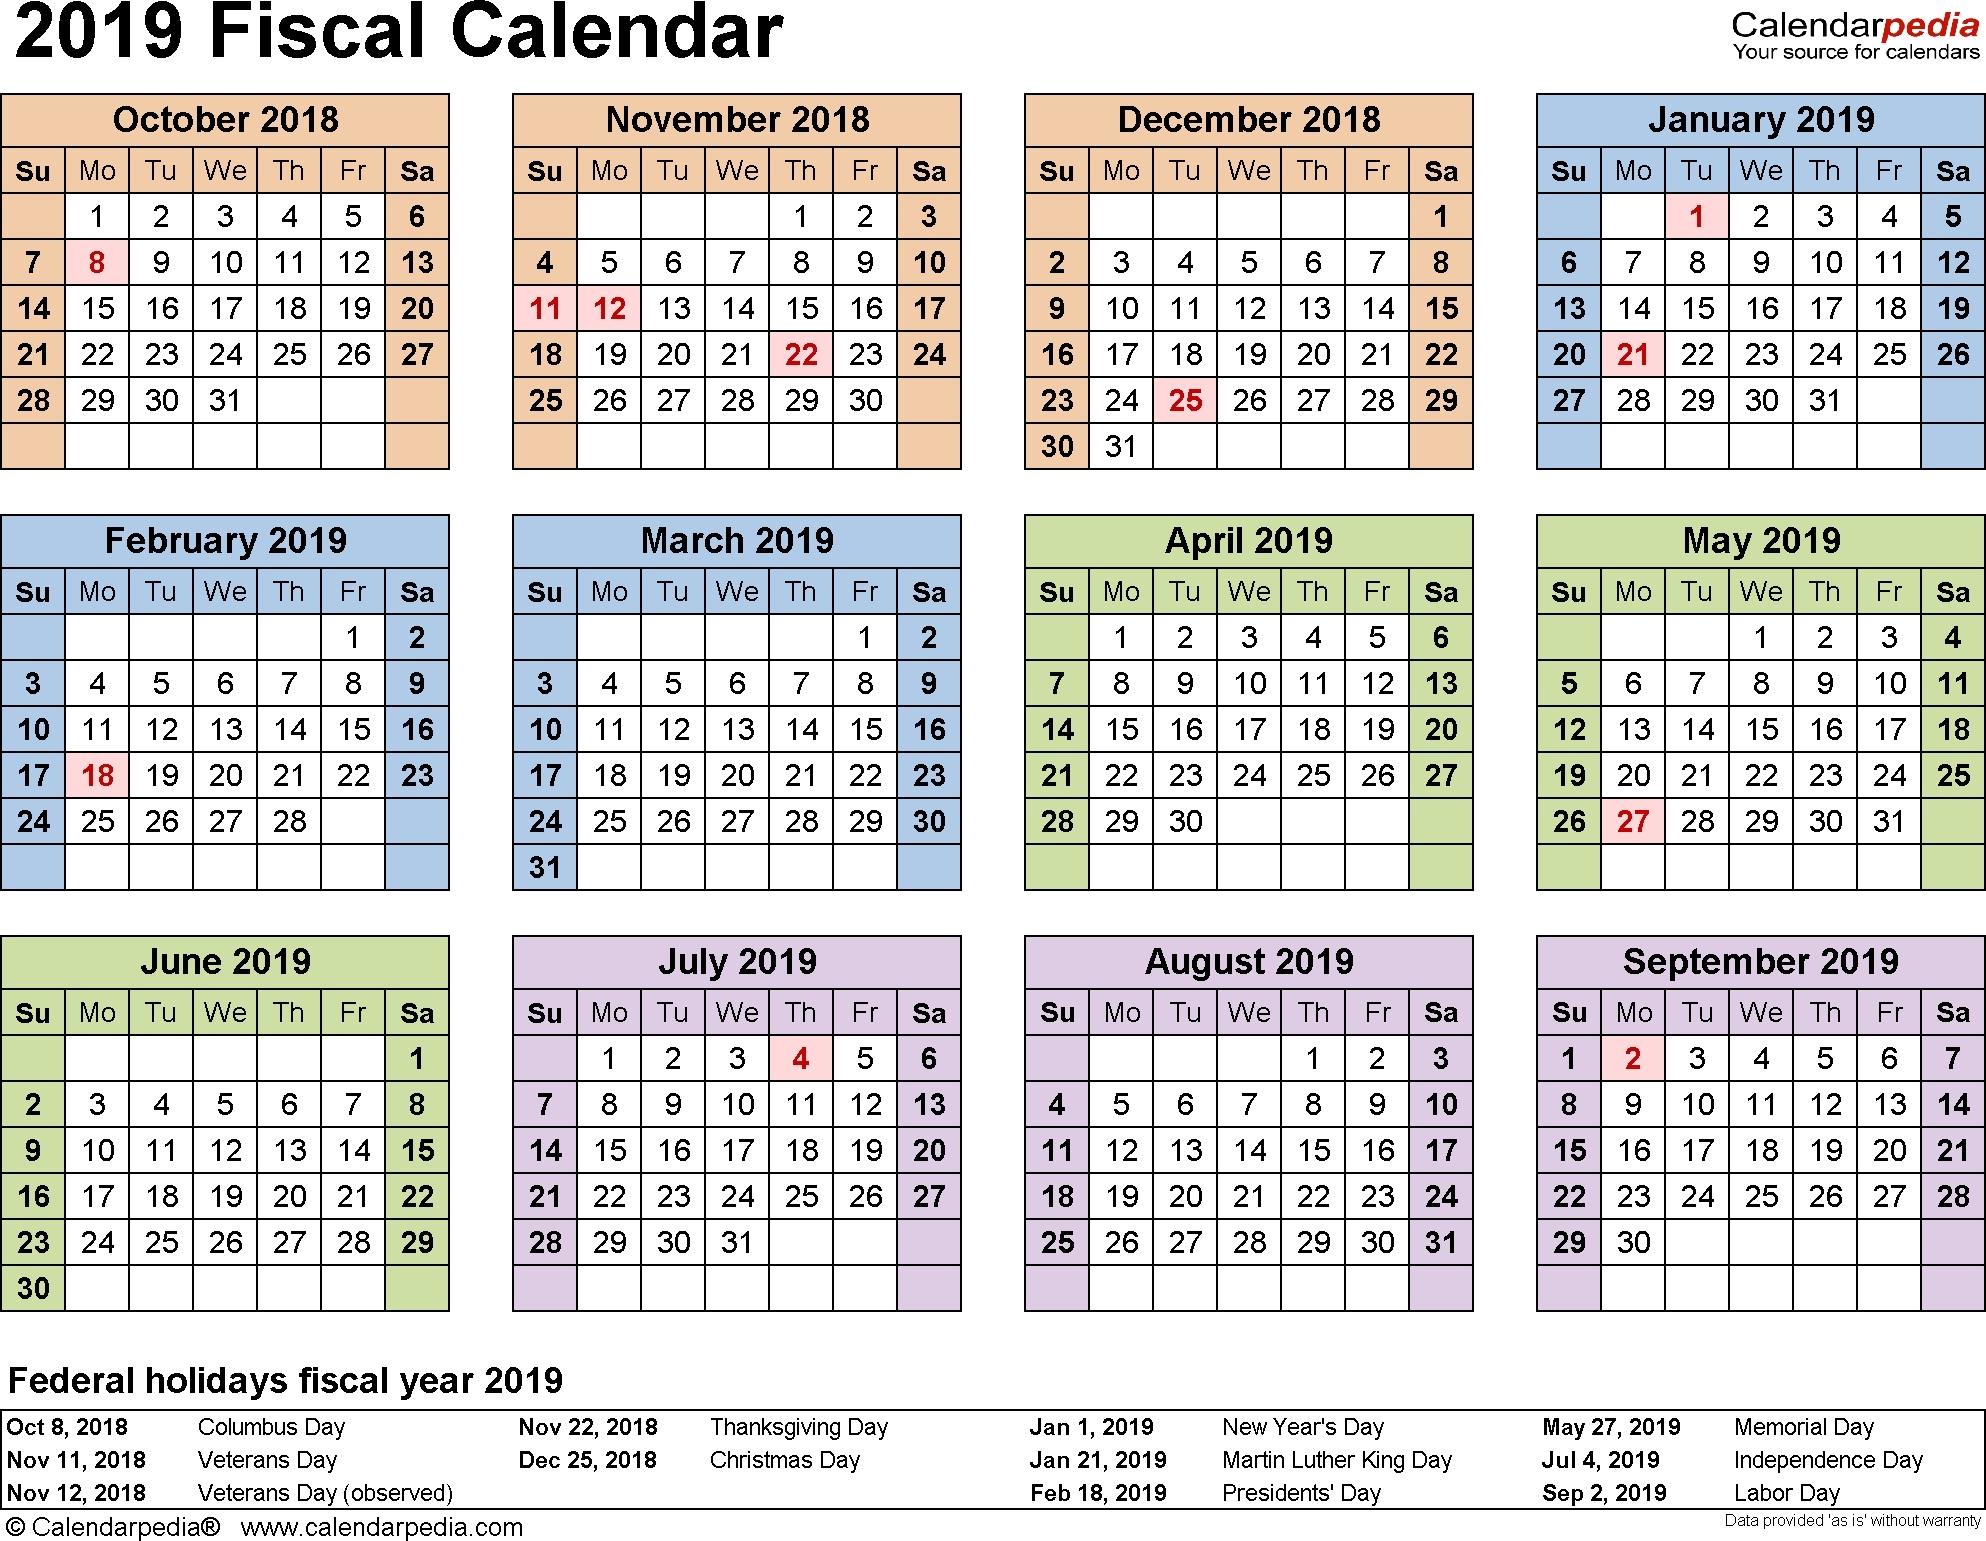 Lateral Printable Calendar 2019-2020 - Calendar Inspiration